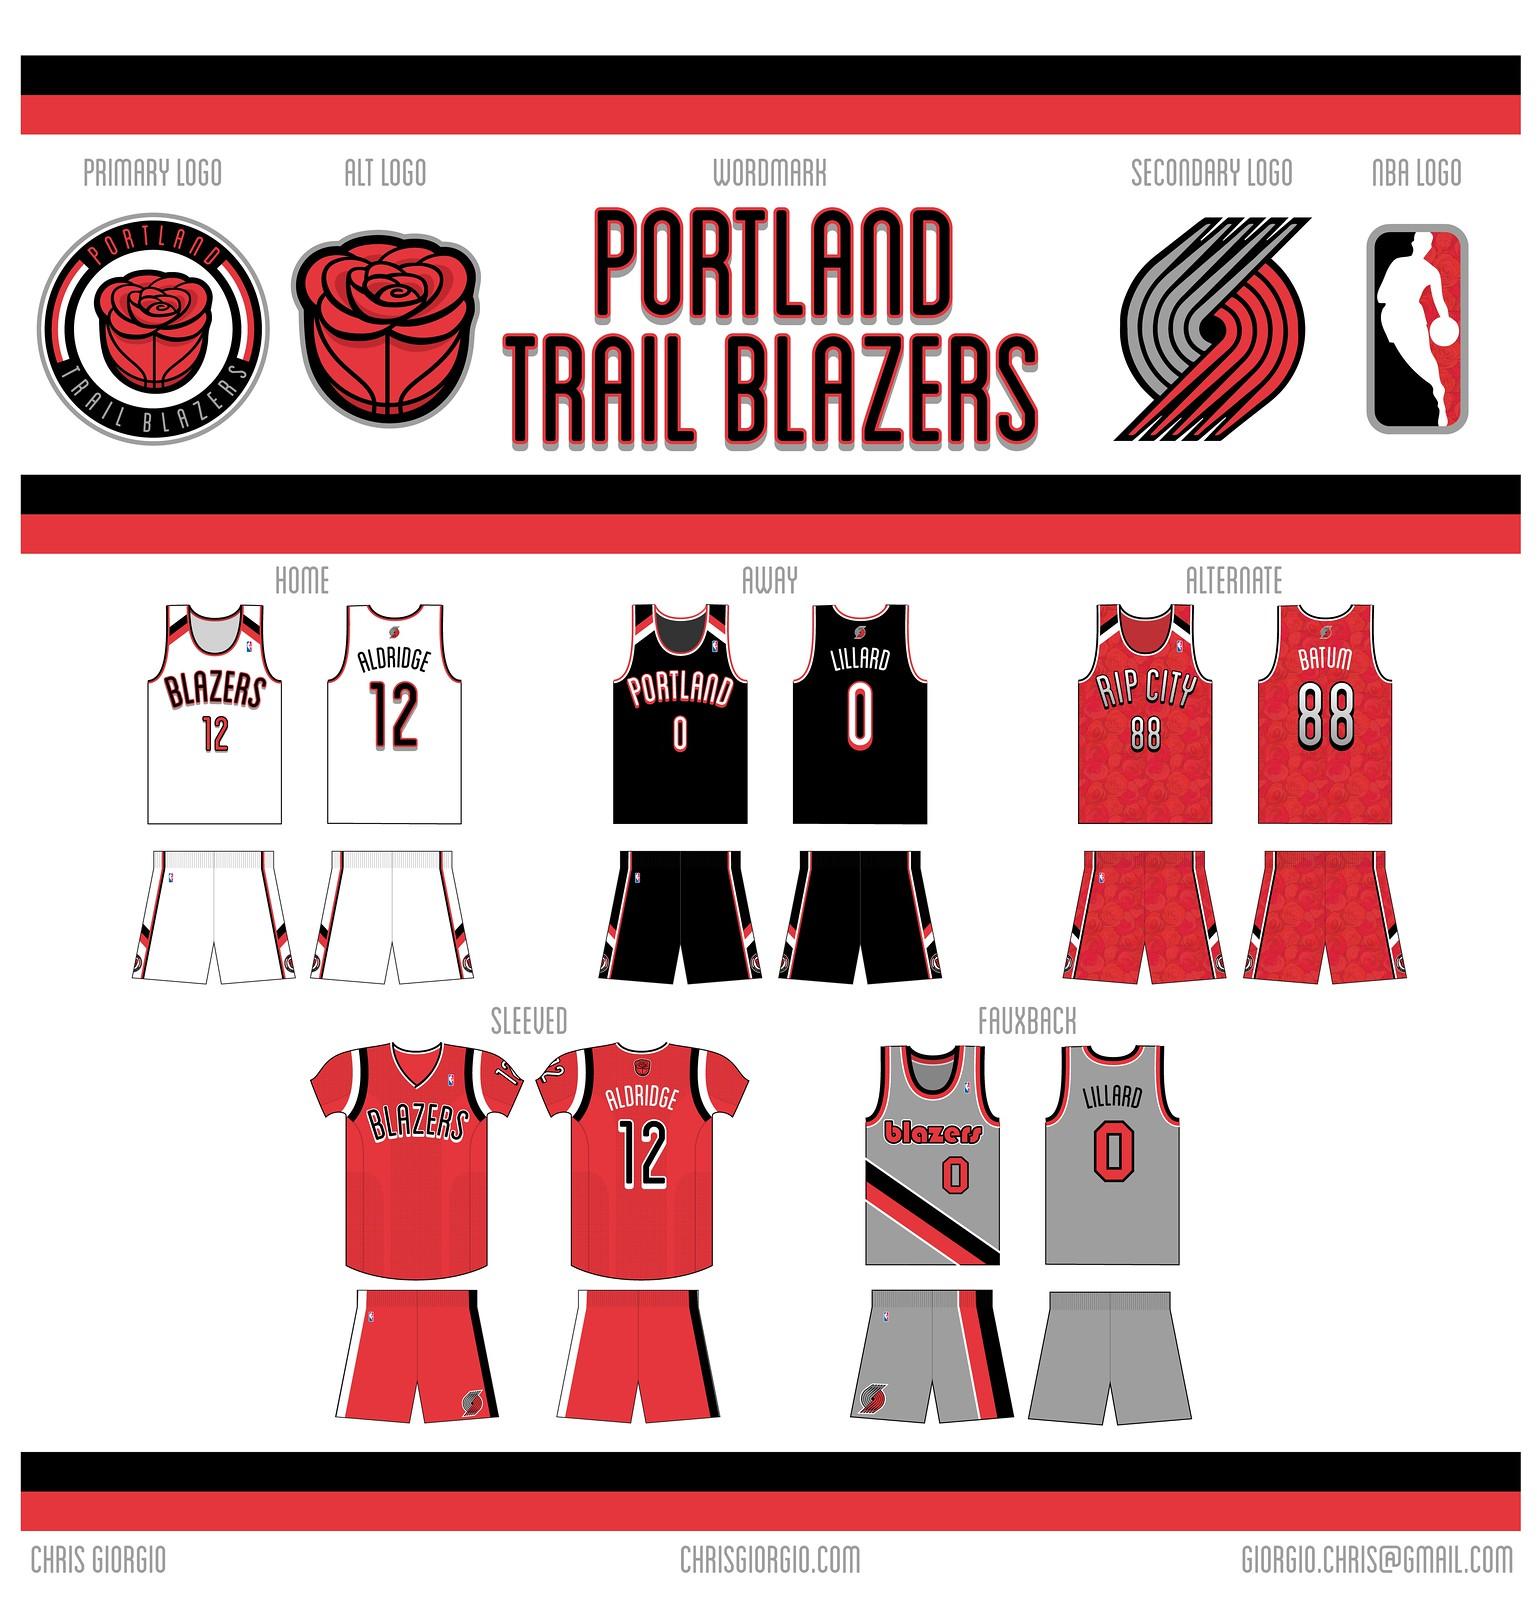 Portland Trail Blazers New Uniforms